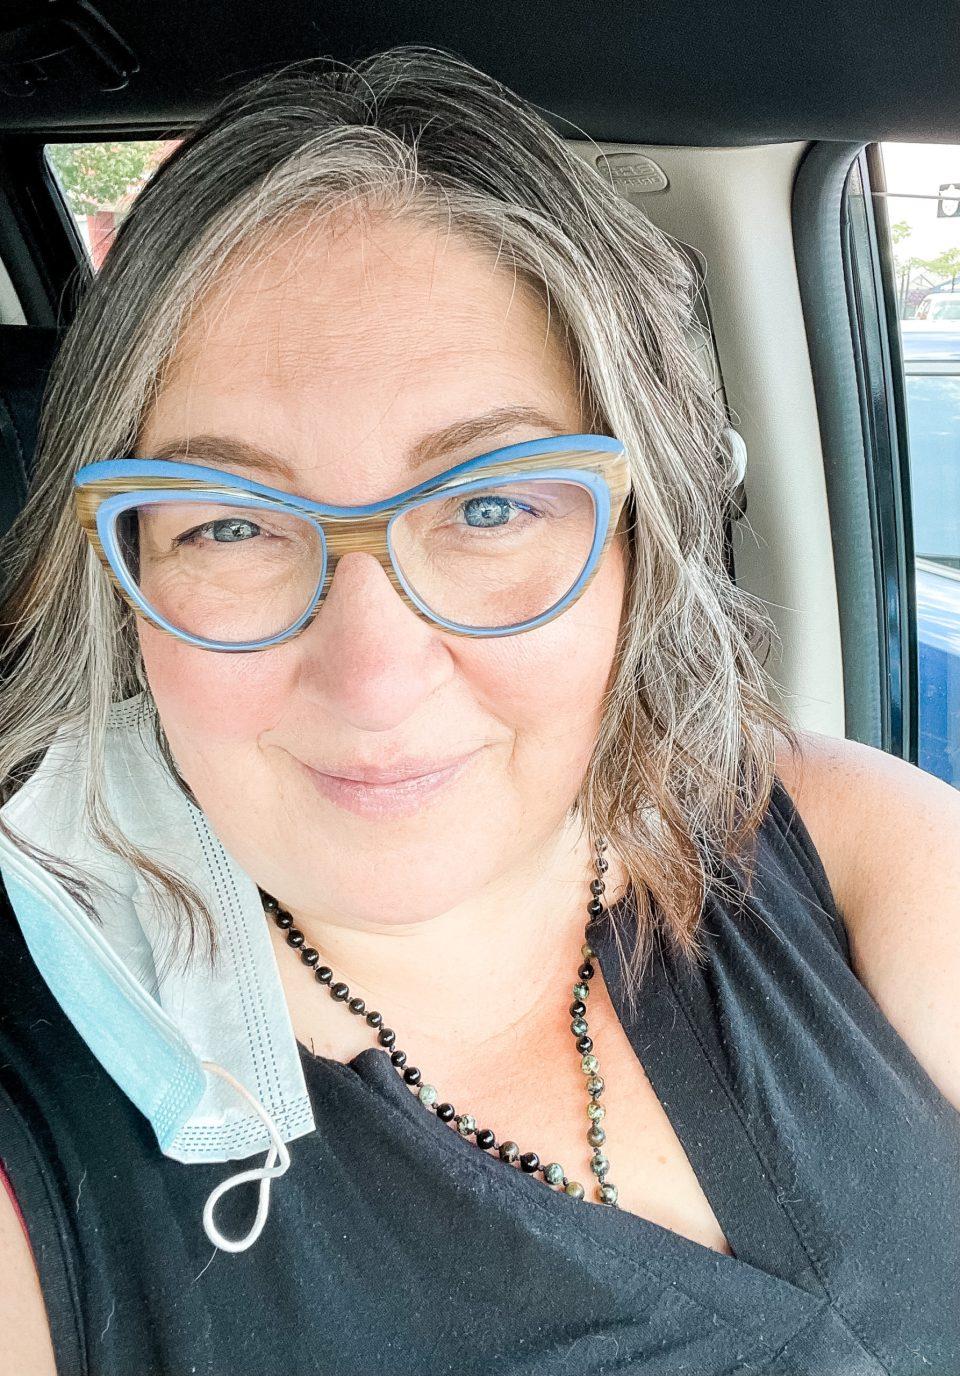 Stacey Willowjak aka WillowjakMama